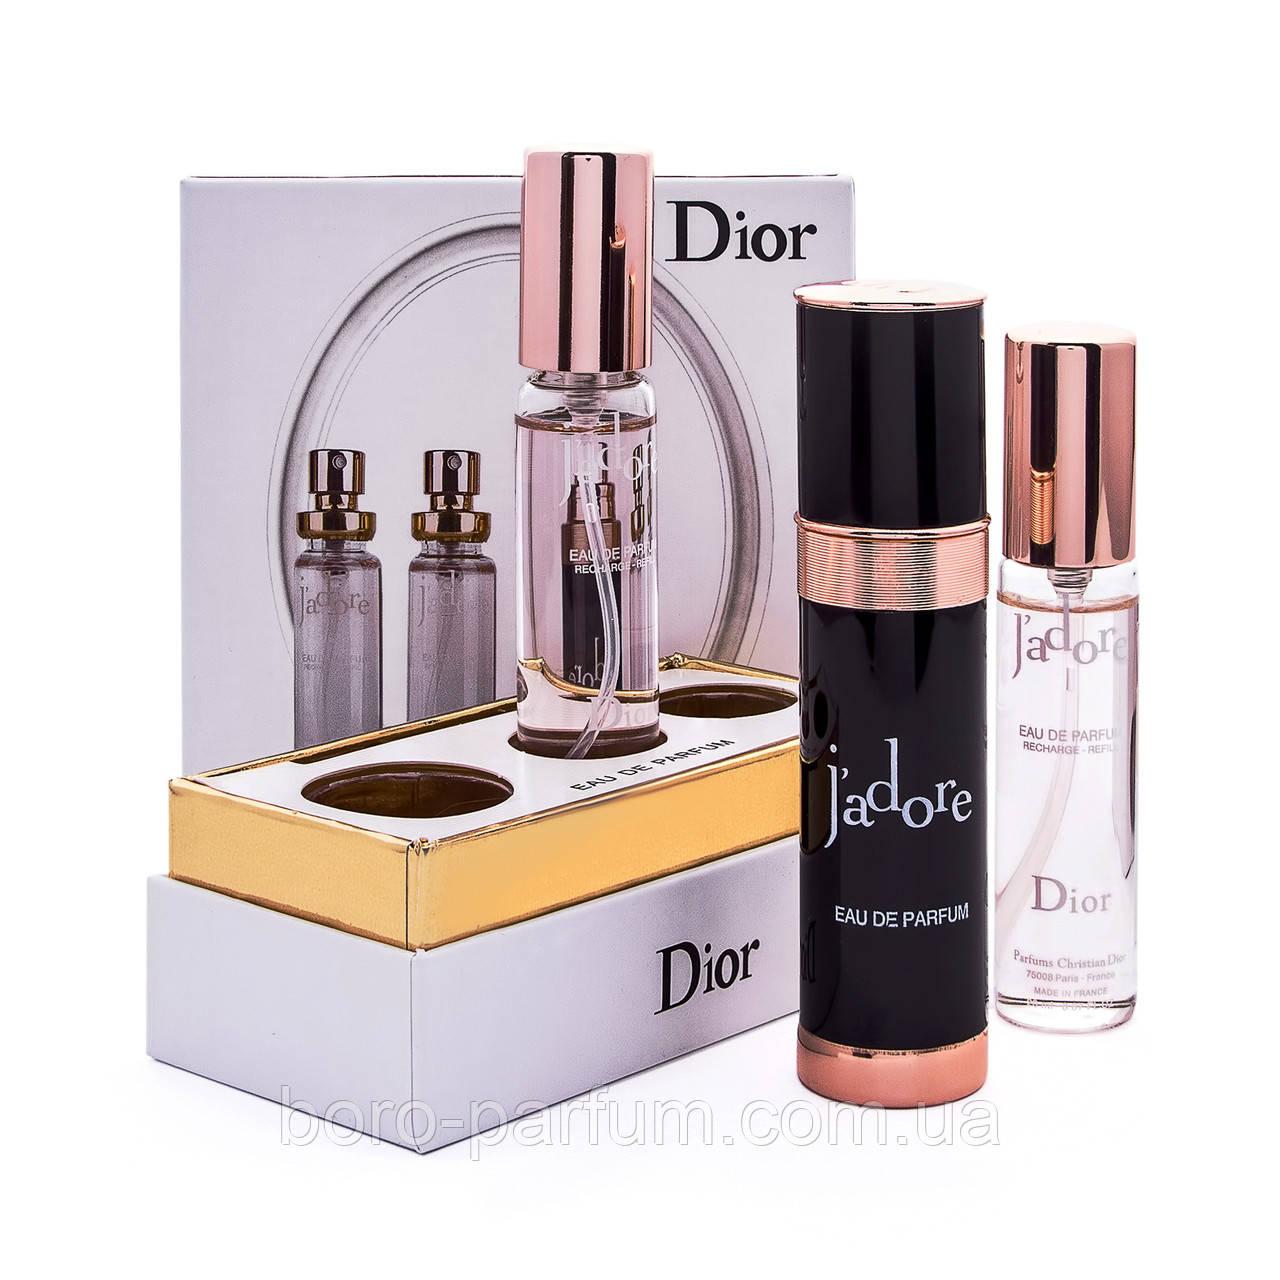 набор Christian Dior Jadore 3 20 мл Black продажа цена в харькове